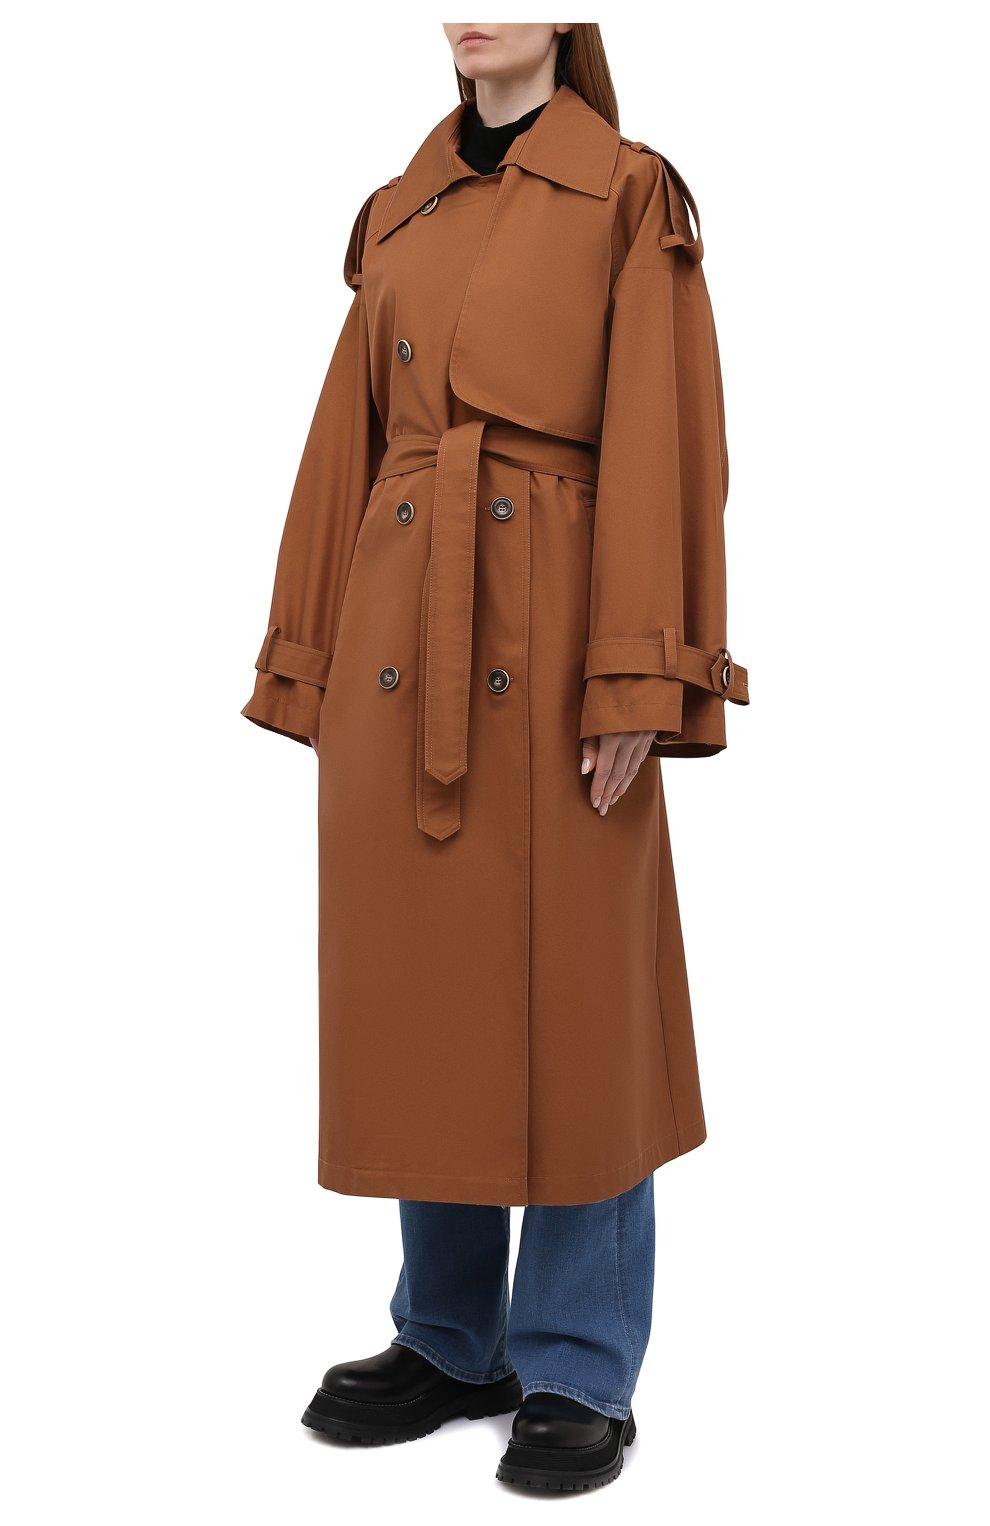 Женский двубортный тренч LESYANEBO коричневого цвета, арт. SS21/Н-465_9 | Фото 3 (Рукава: Длинные; Материал внешний: Синтетический материал, Хлопок; Длина (верхняя одежда): Длинные; Стили: Кэжуэл)